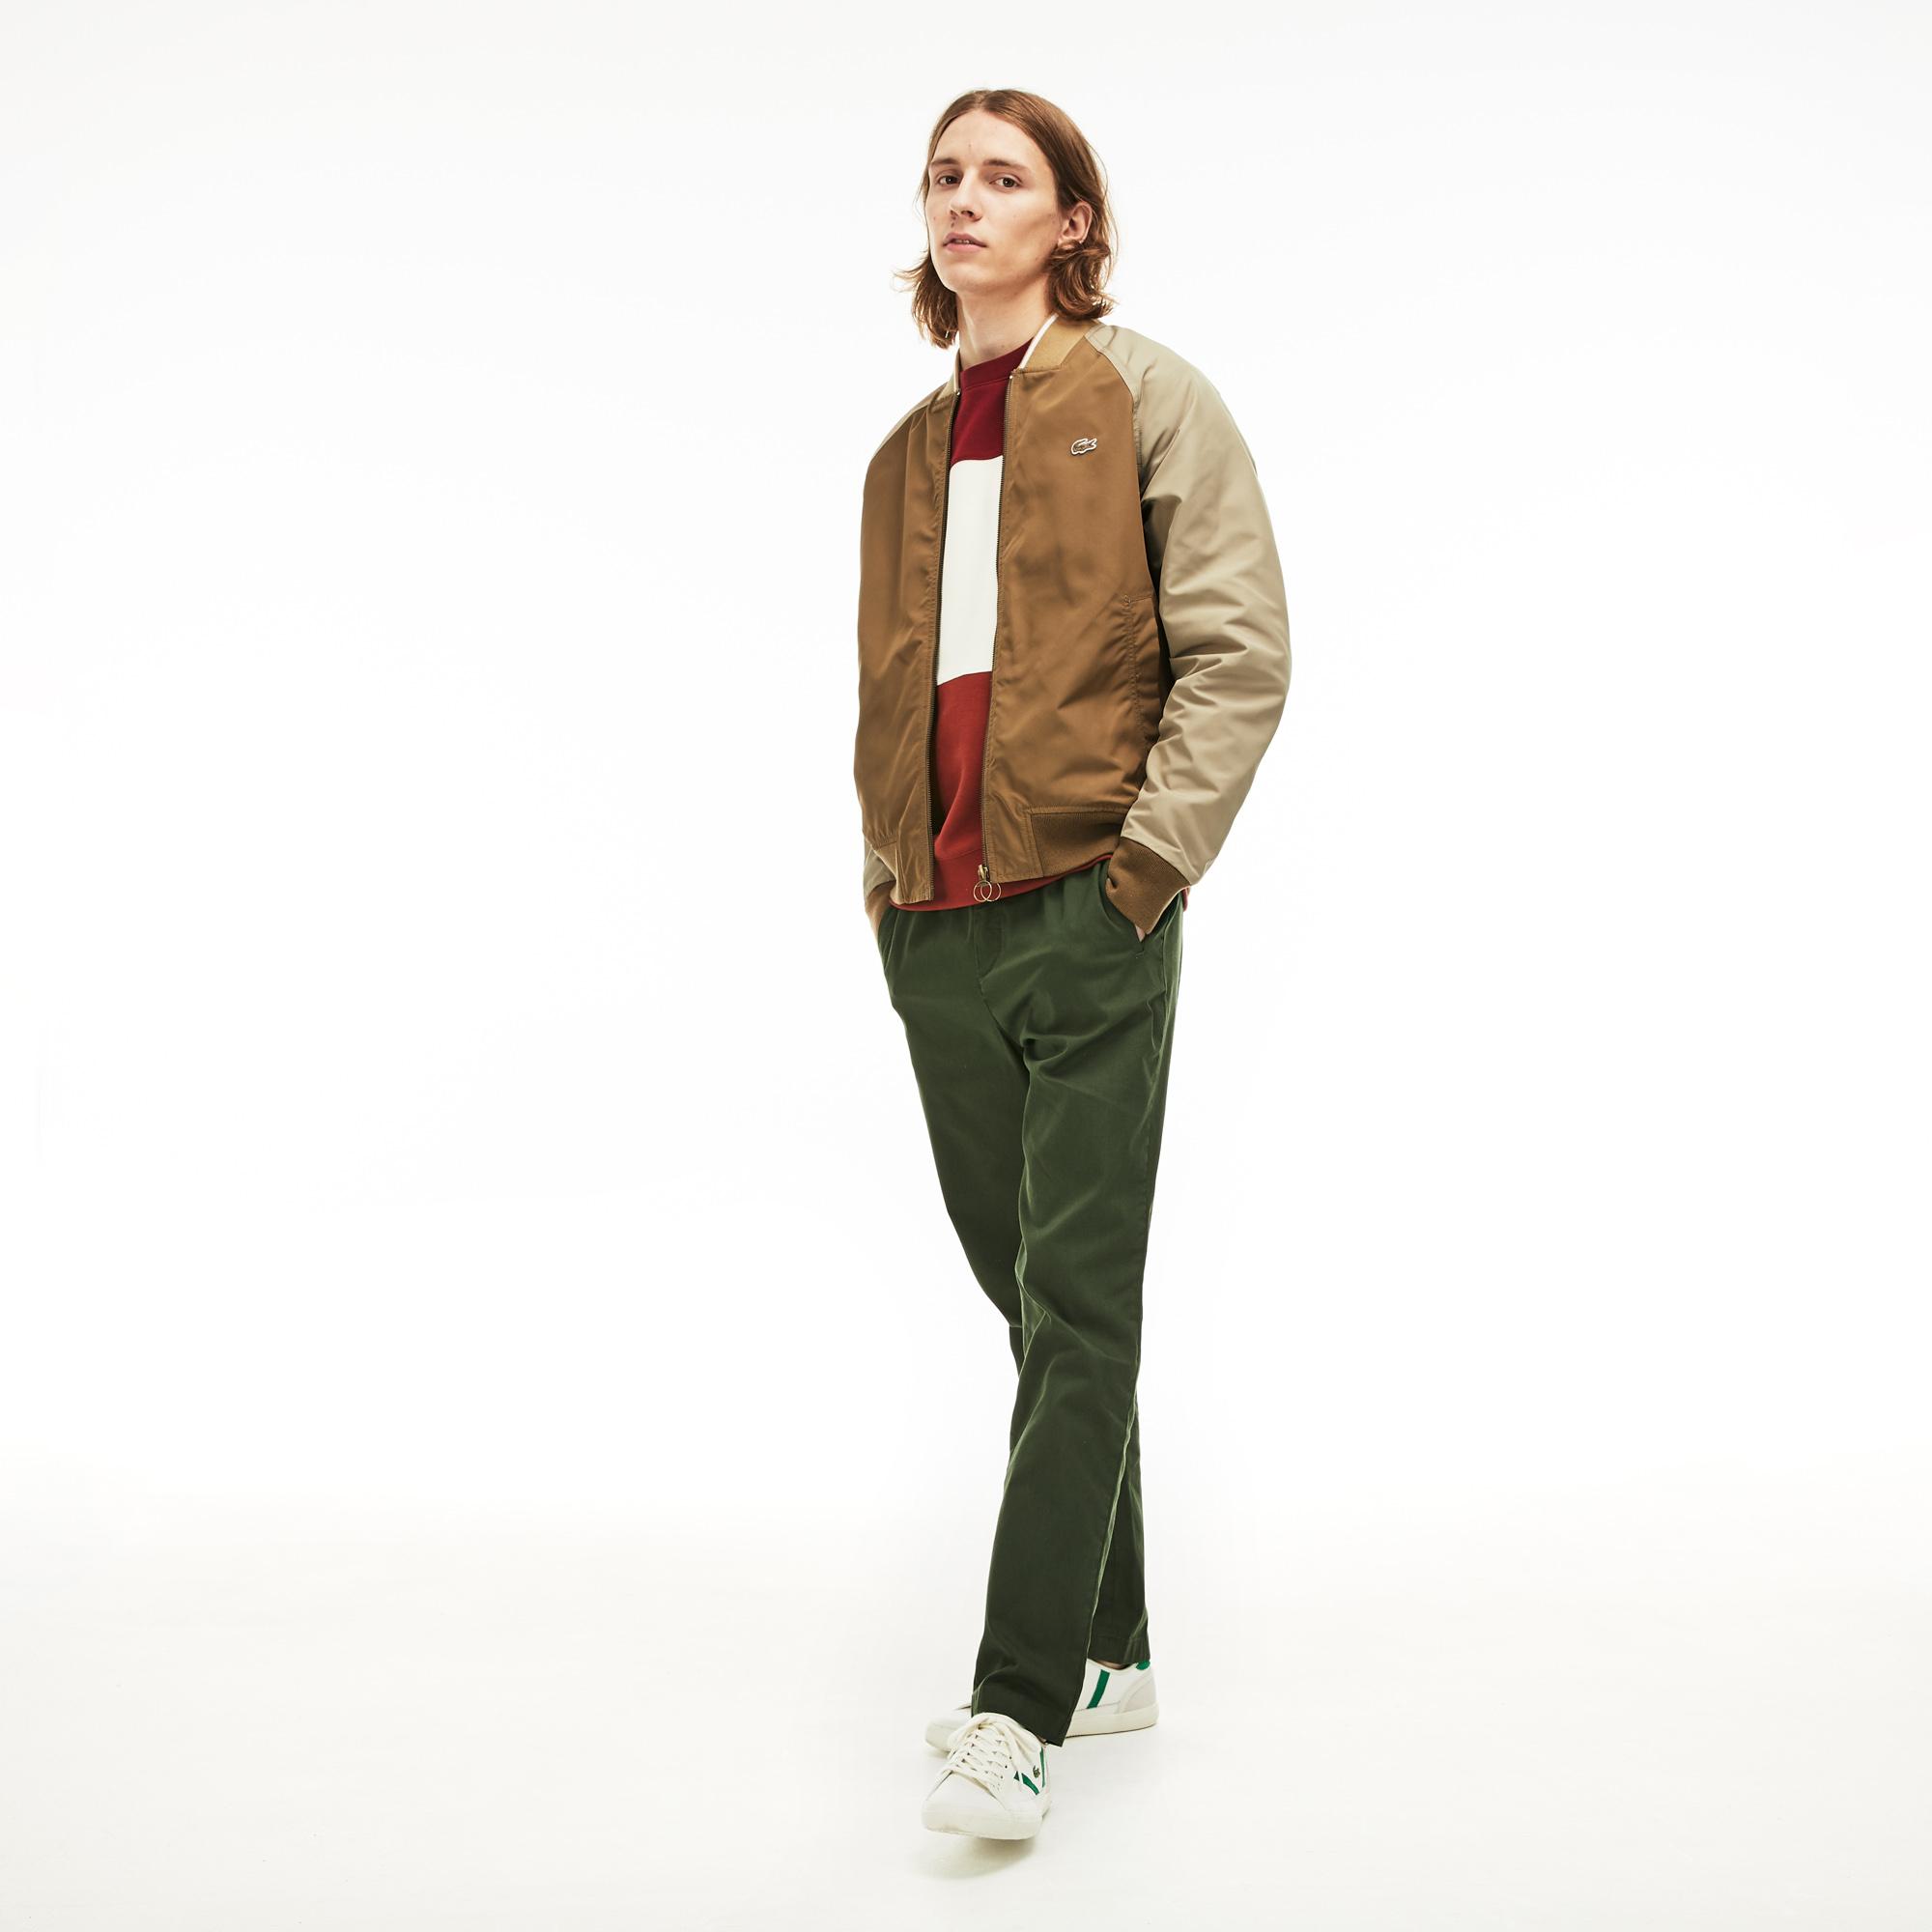 Куртка LacosteВерхняя одежда<br>Детали: карманы с клапанами и кнопками, один карман на молнии на руке и два внутренних кармана;\Двусторонняя;\На молнии;\Эластичный воротник, манжеты и нижний край;\Вышитый логотип Lacoste\Материал: 100% полиэстер 100% полиэстер